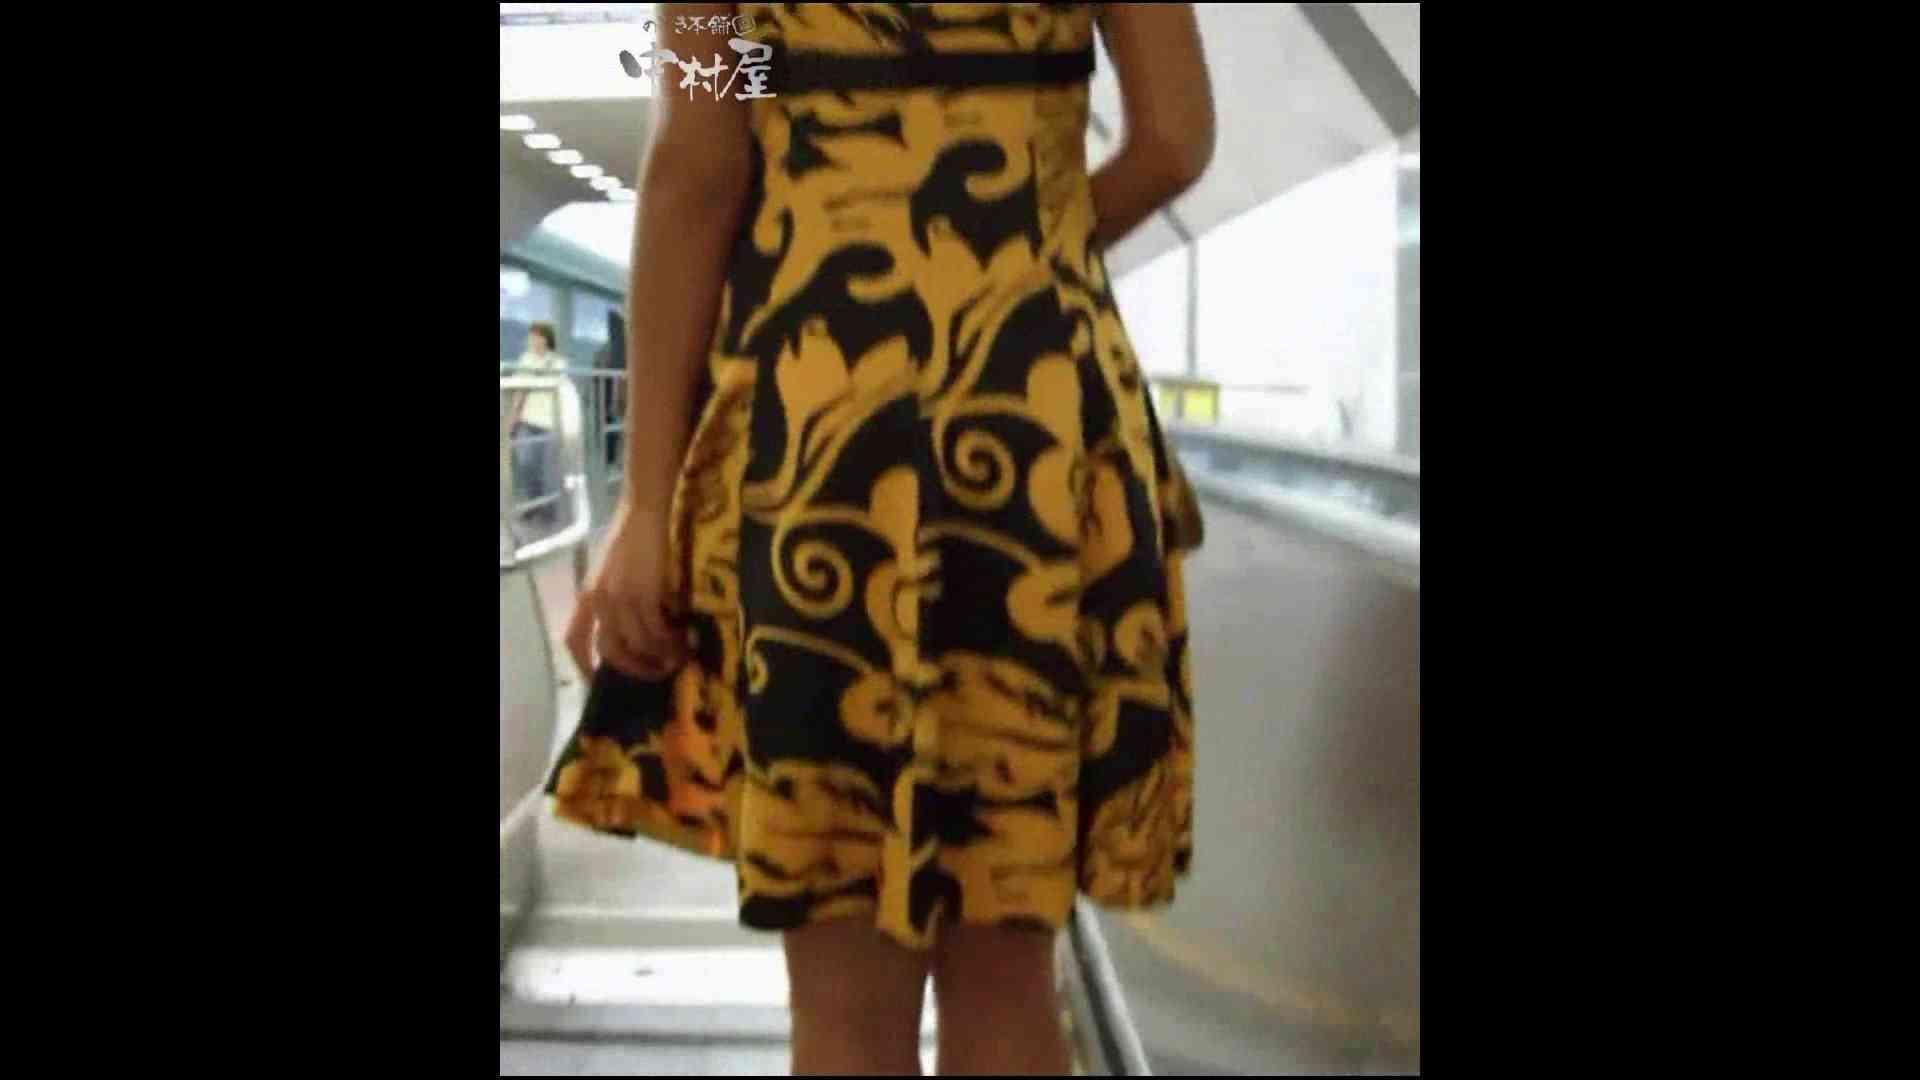 綺麗なモデルさんのスカート捲っちゃおう‼ vol21 お姉さんヌード | OLセックス  100画像 97